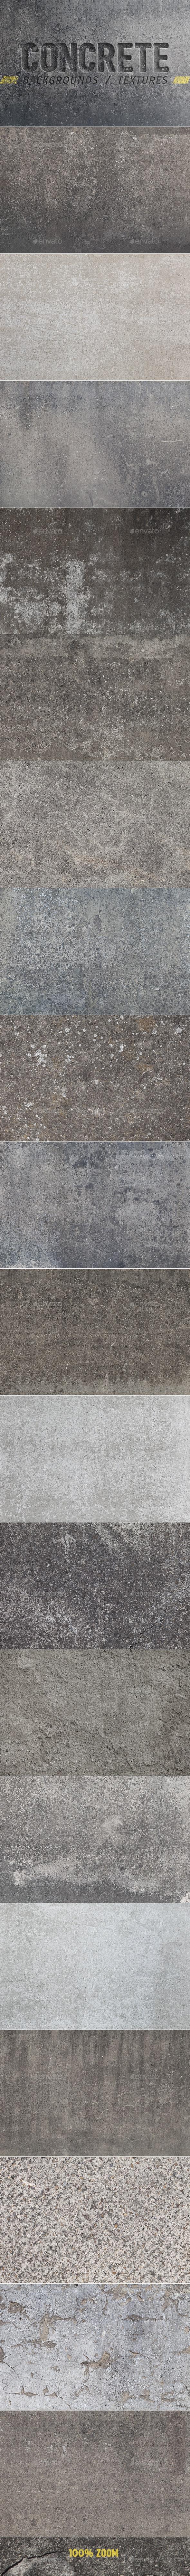 20 Concrete Backgrounds / Textures - Concrete Textures